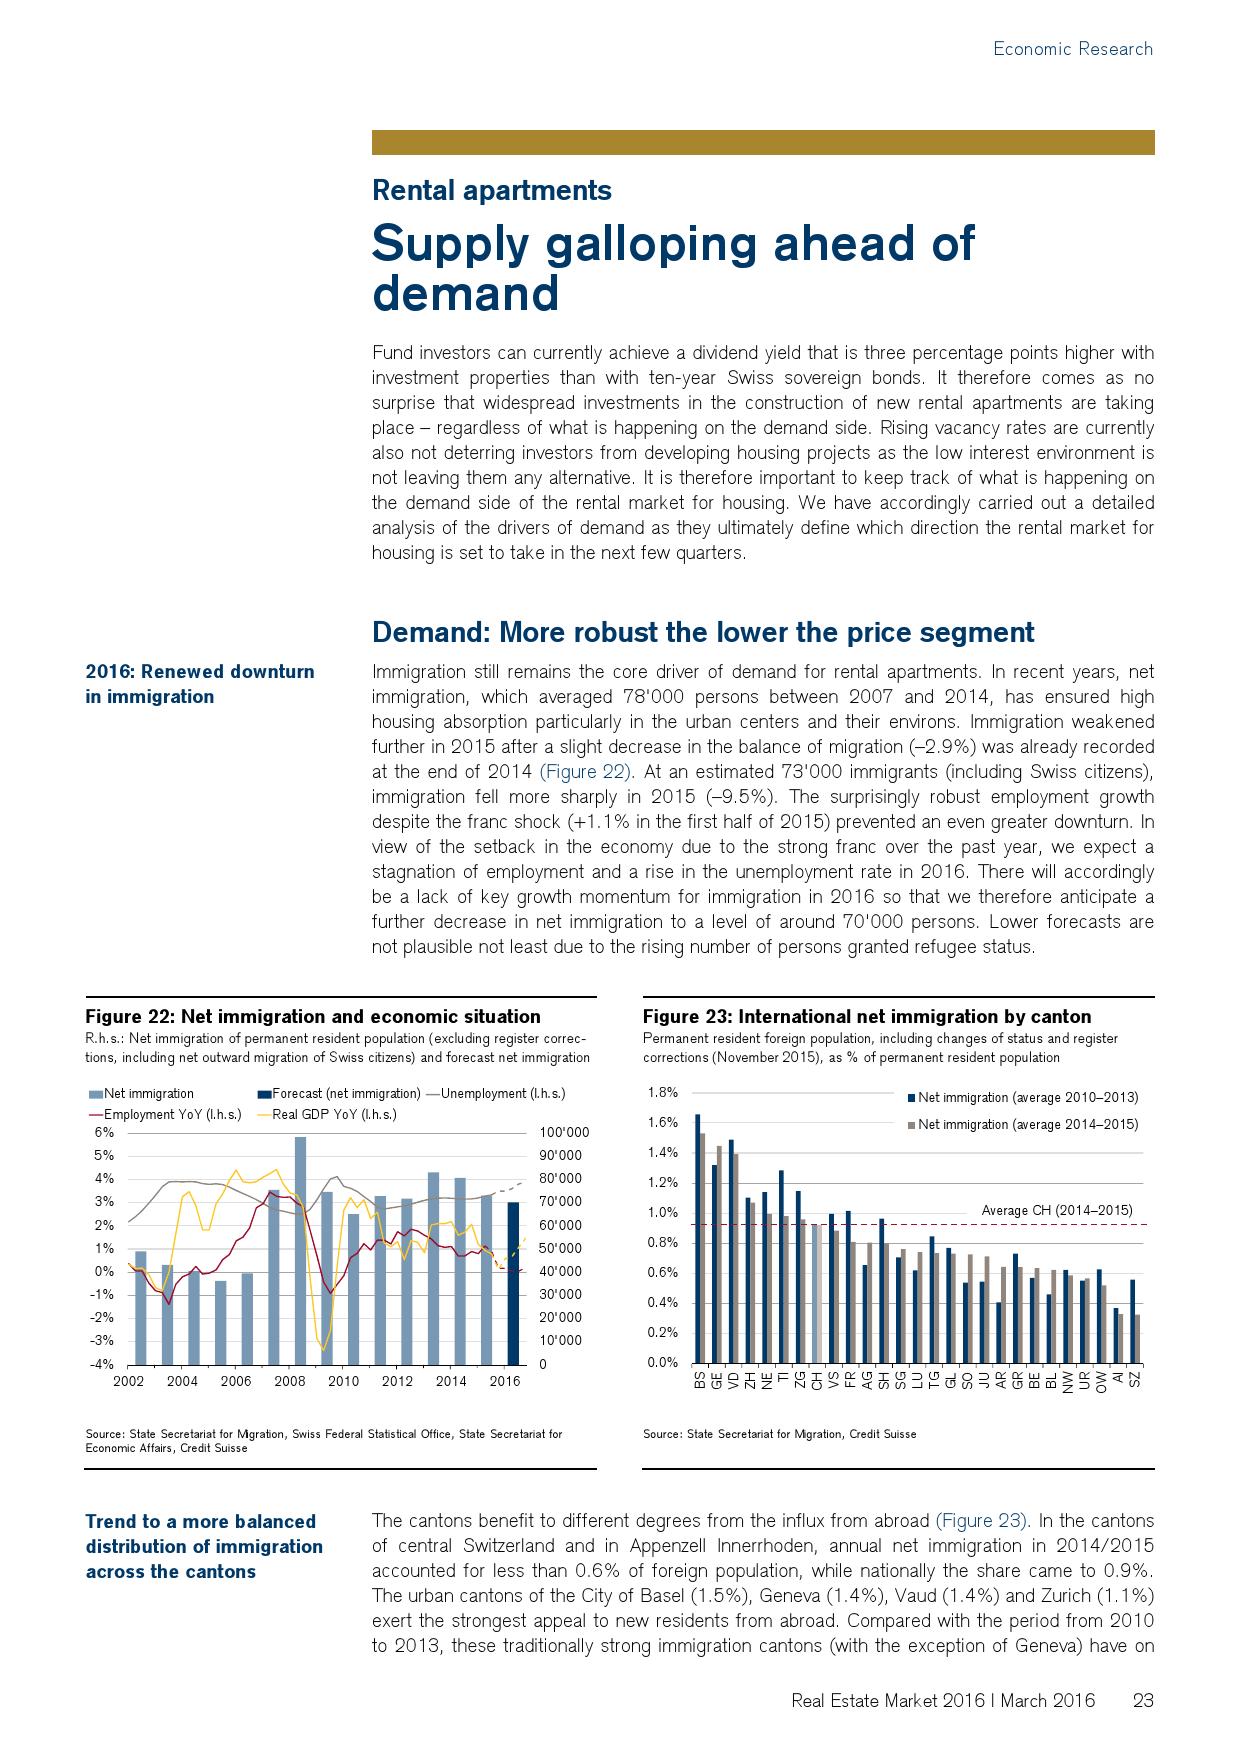 2016年瑞士房地产市场研究报告_000023